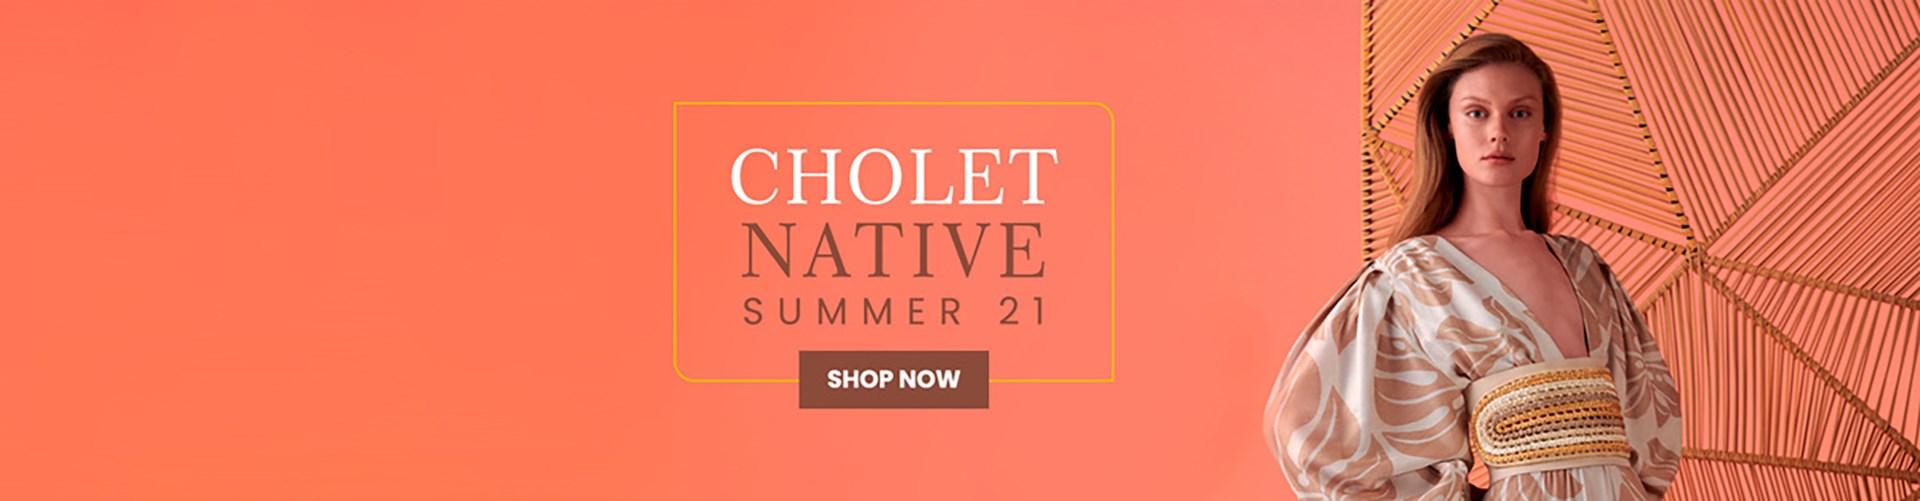 Cholet Native Summer 21